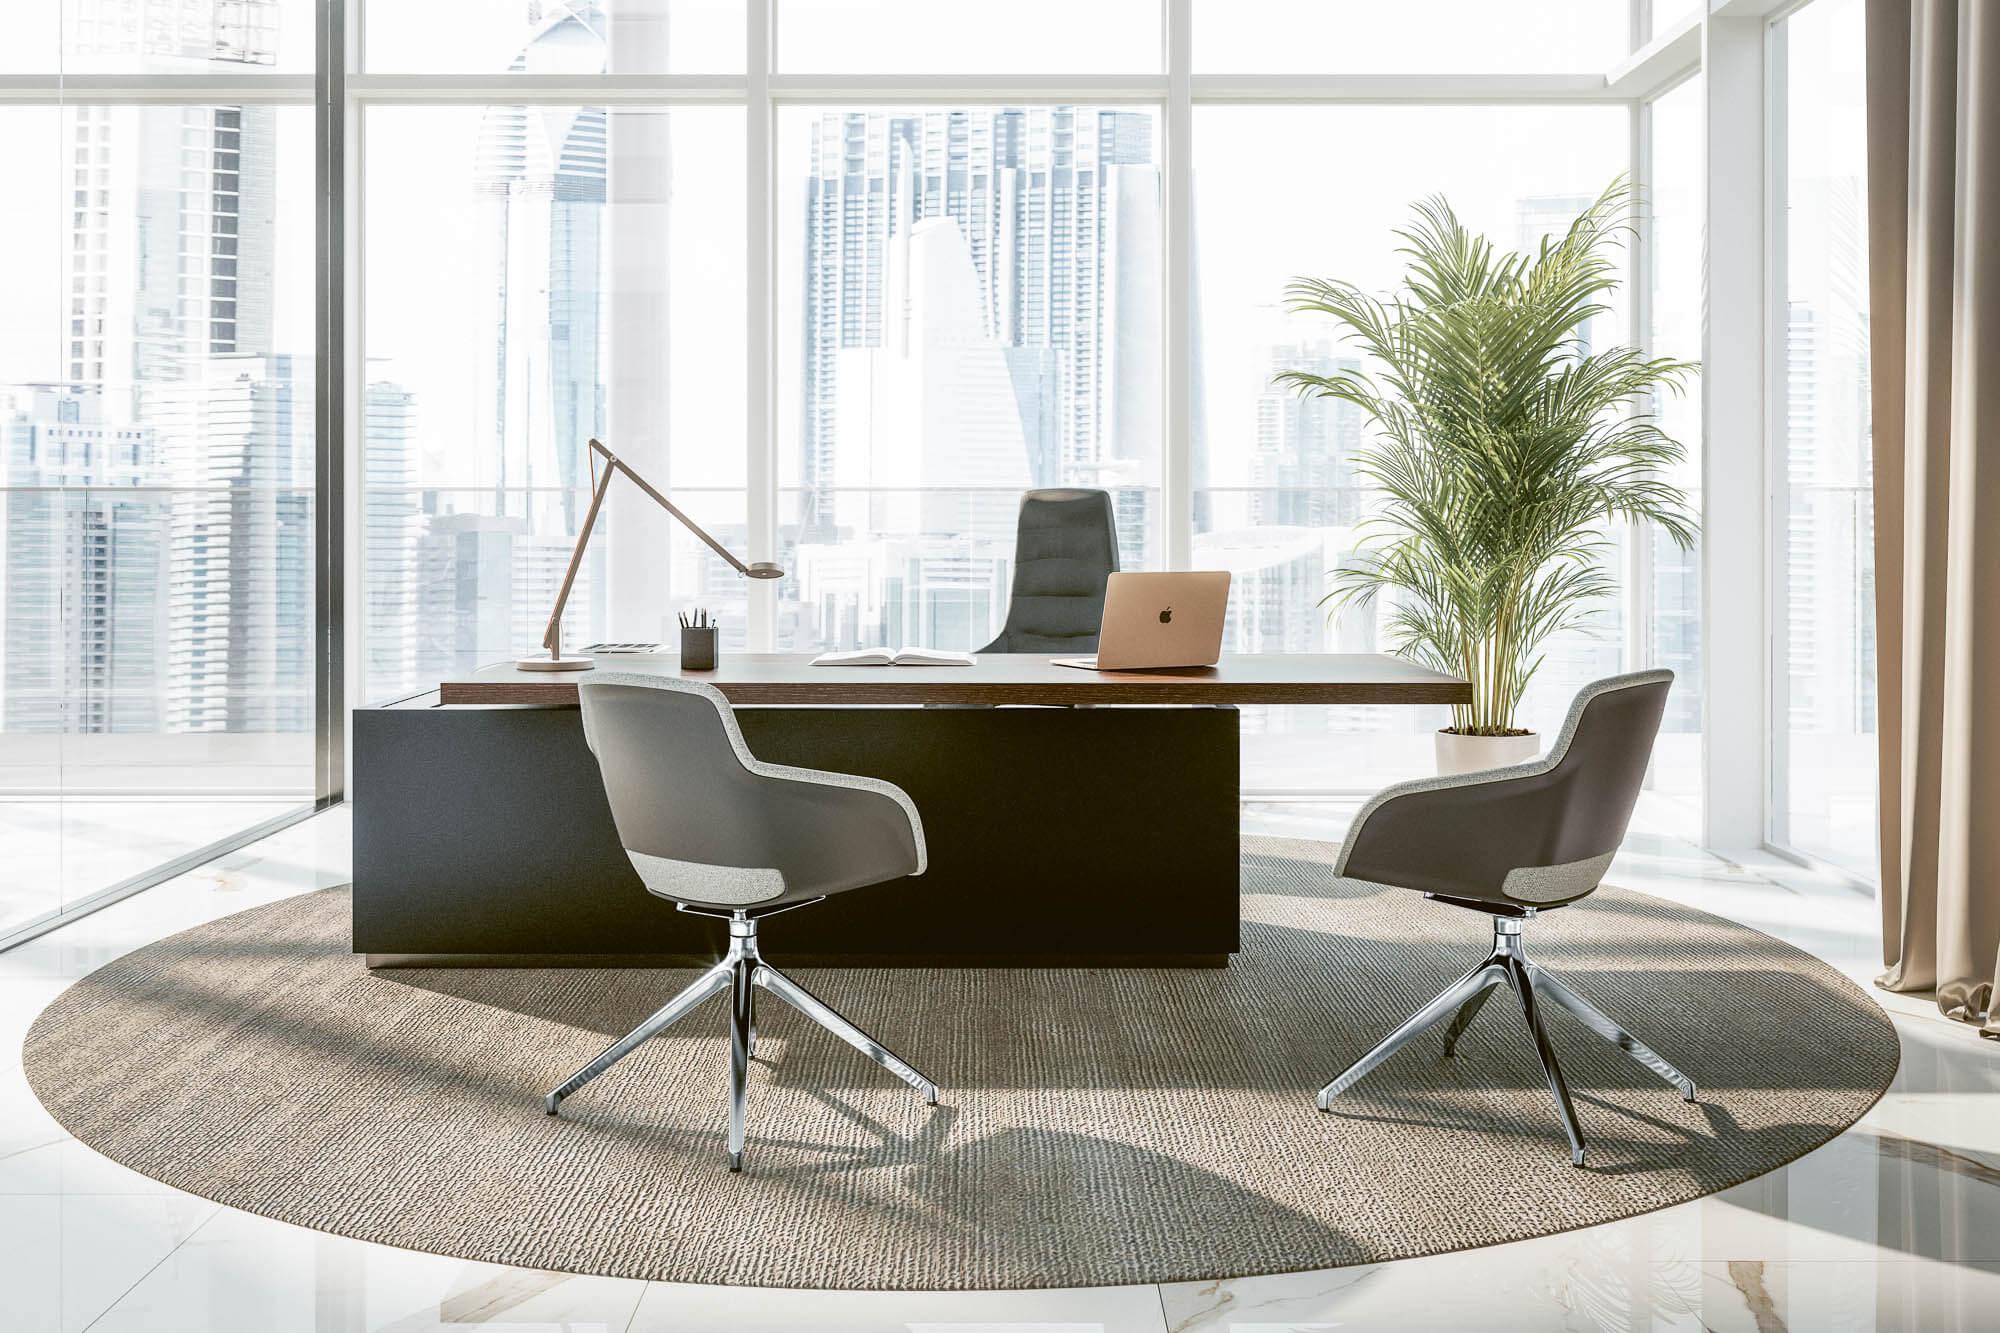 Bureau de luxe design